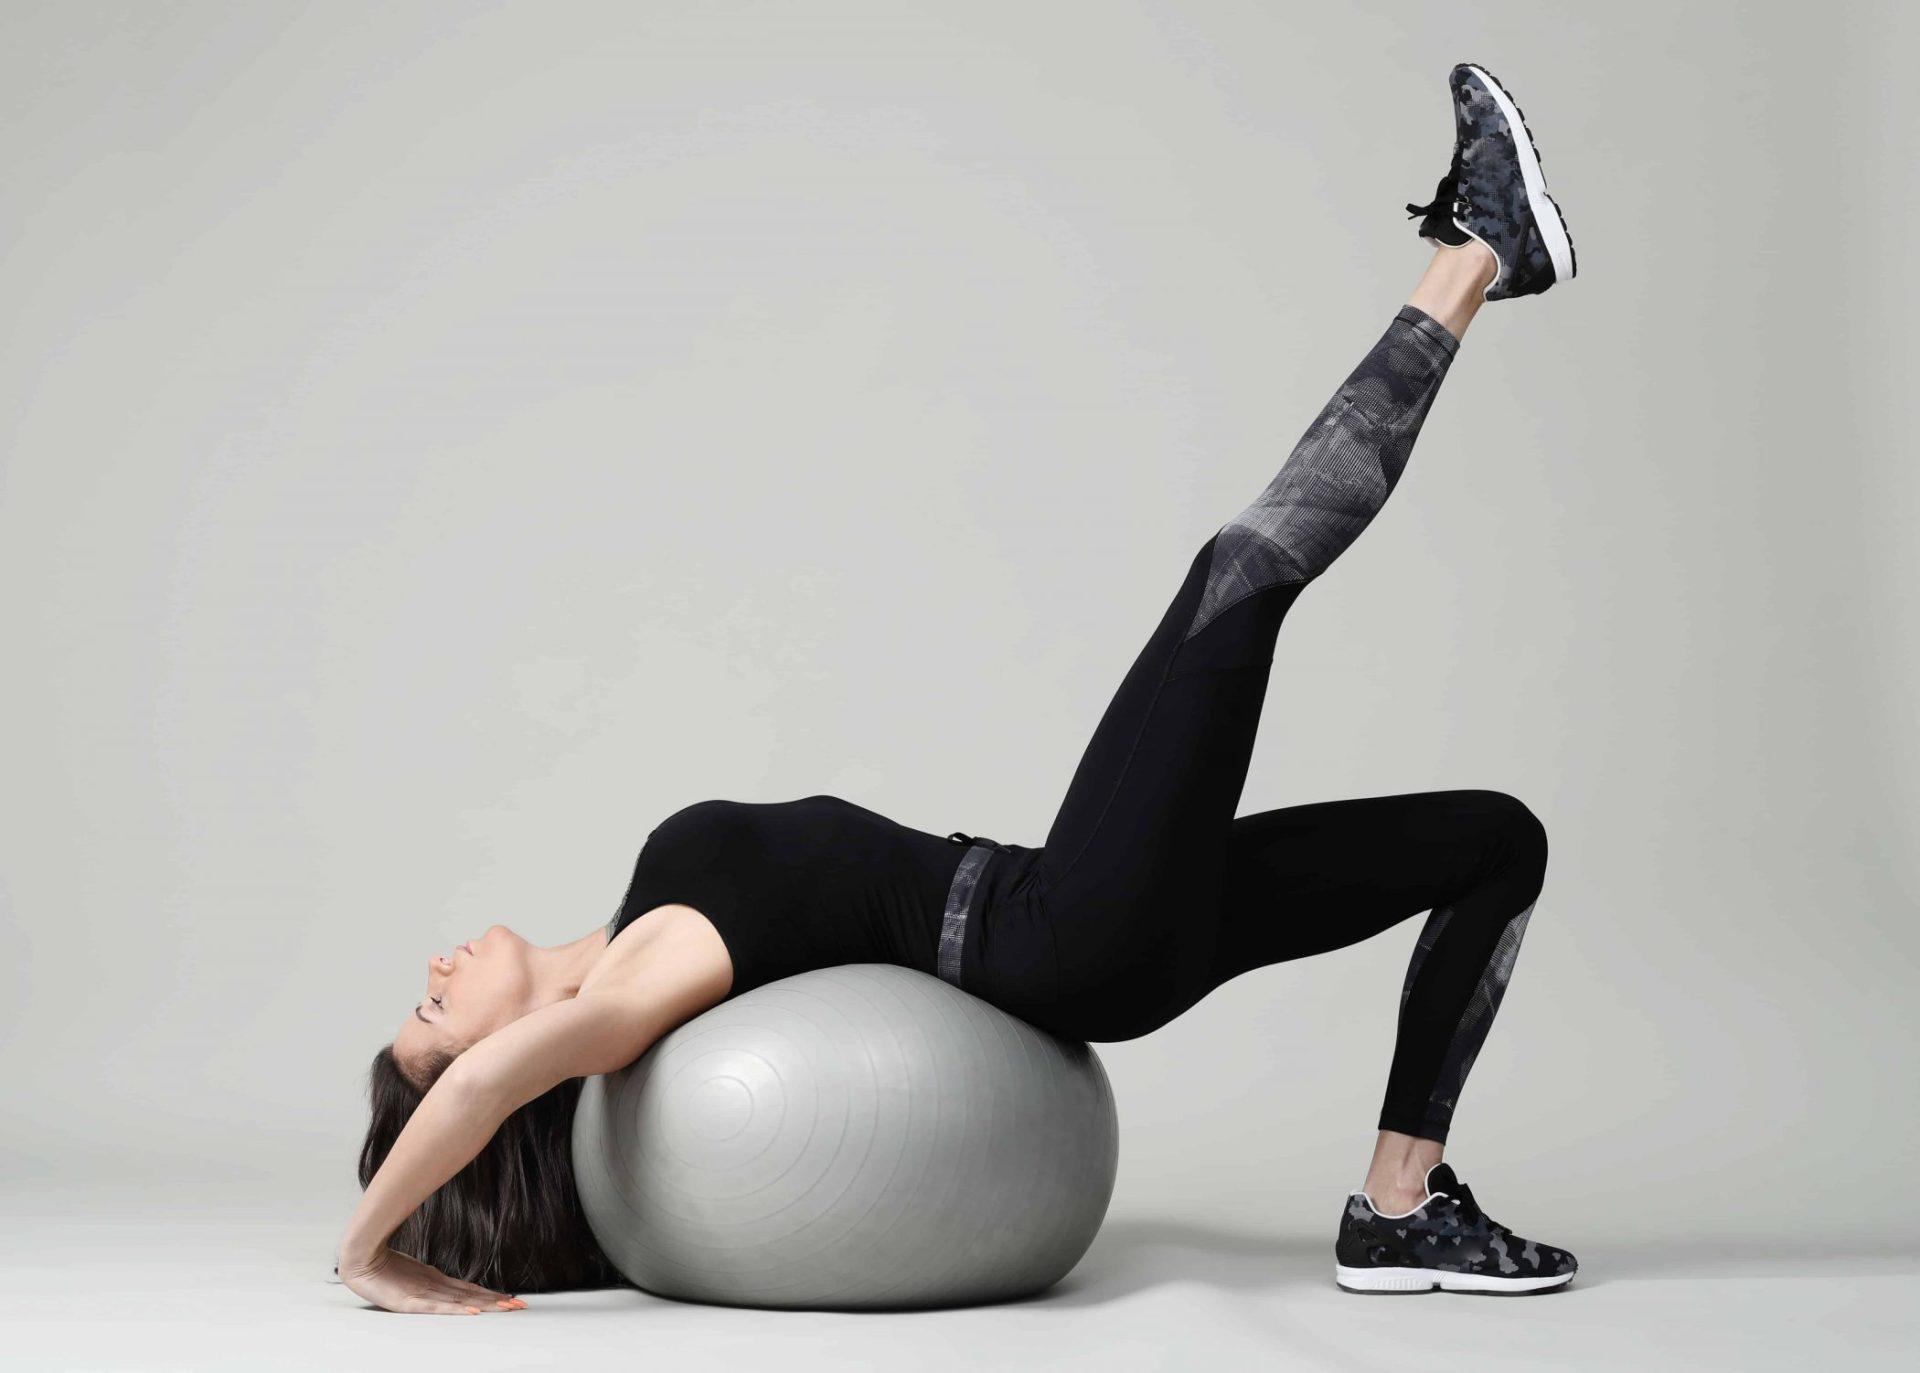 Stretching és prostatitis Milyen orvos fog kapcsolatba lépni a prosztatitist